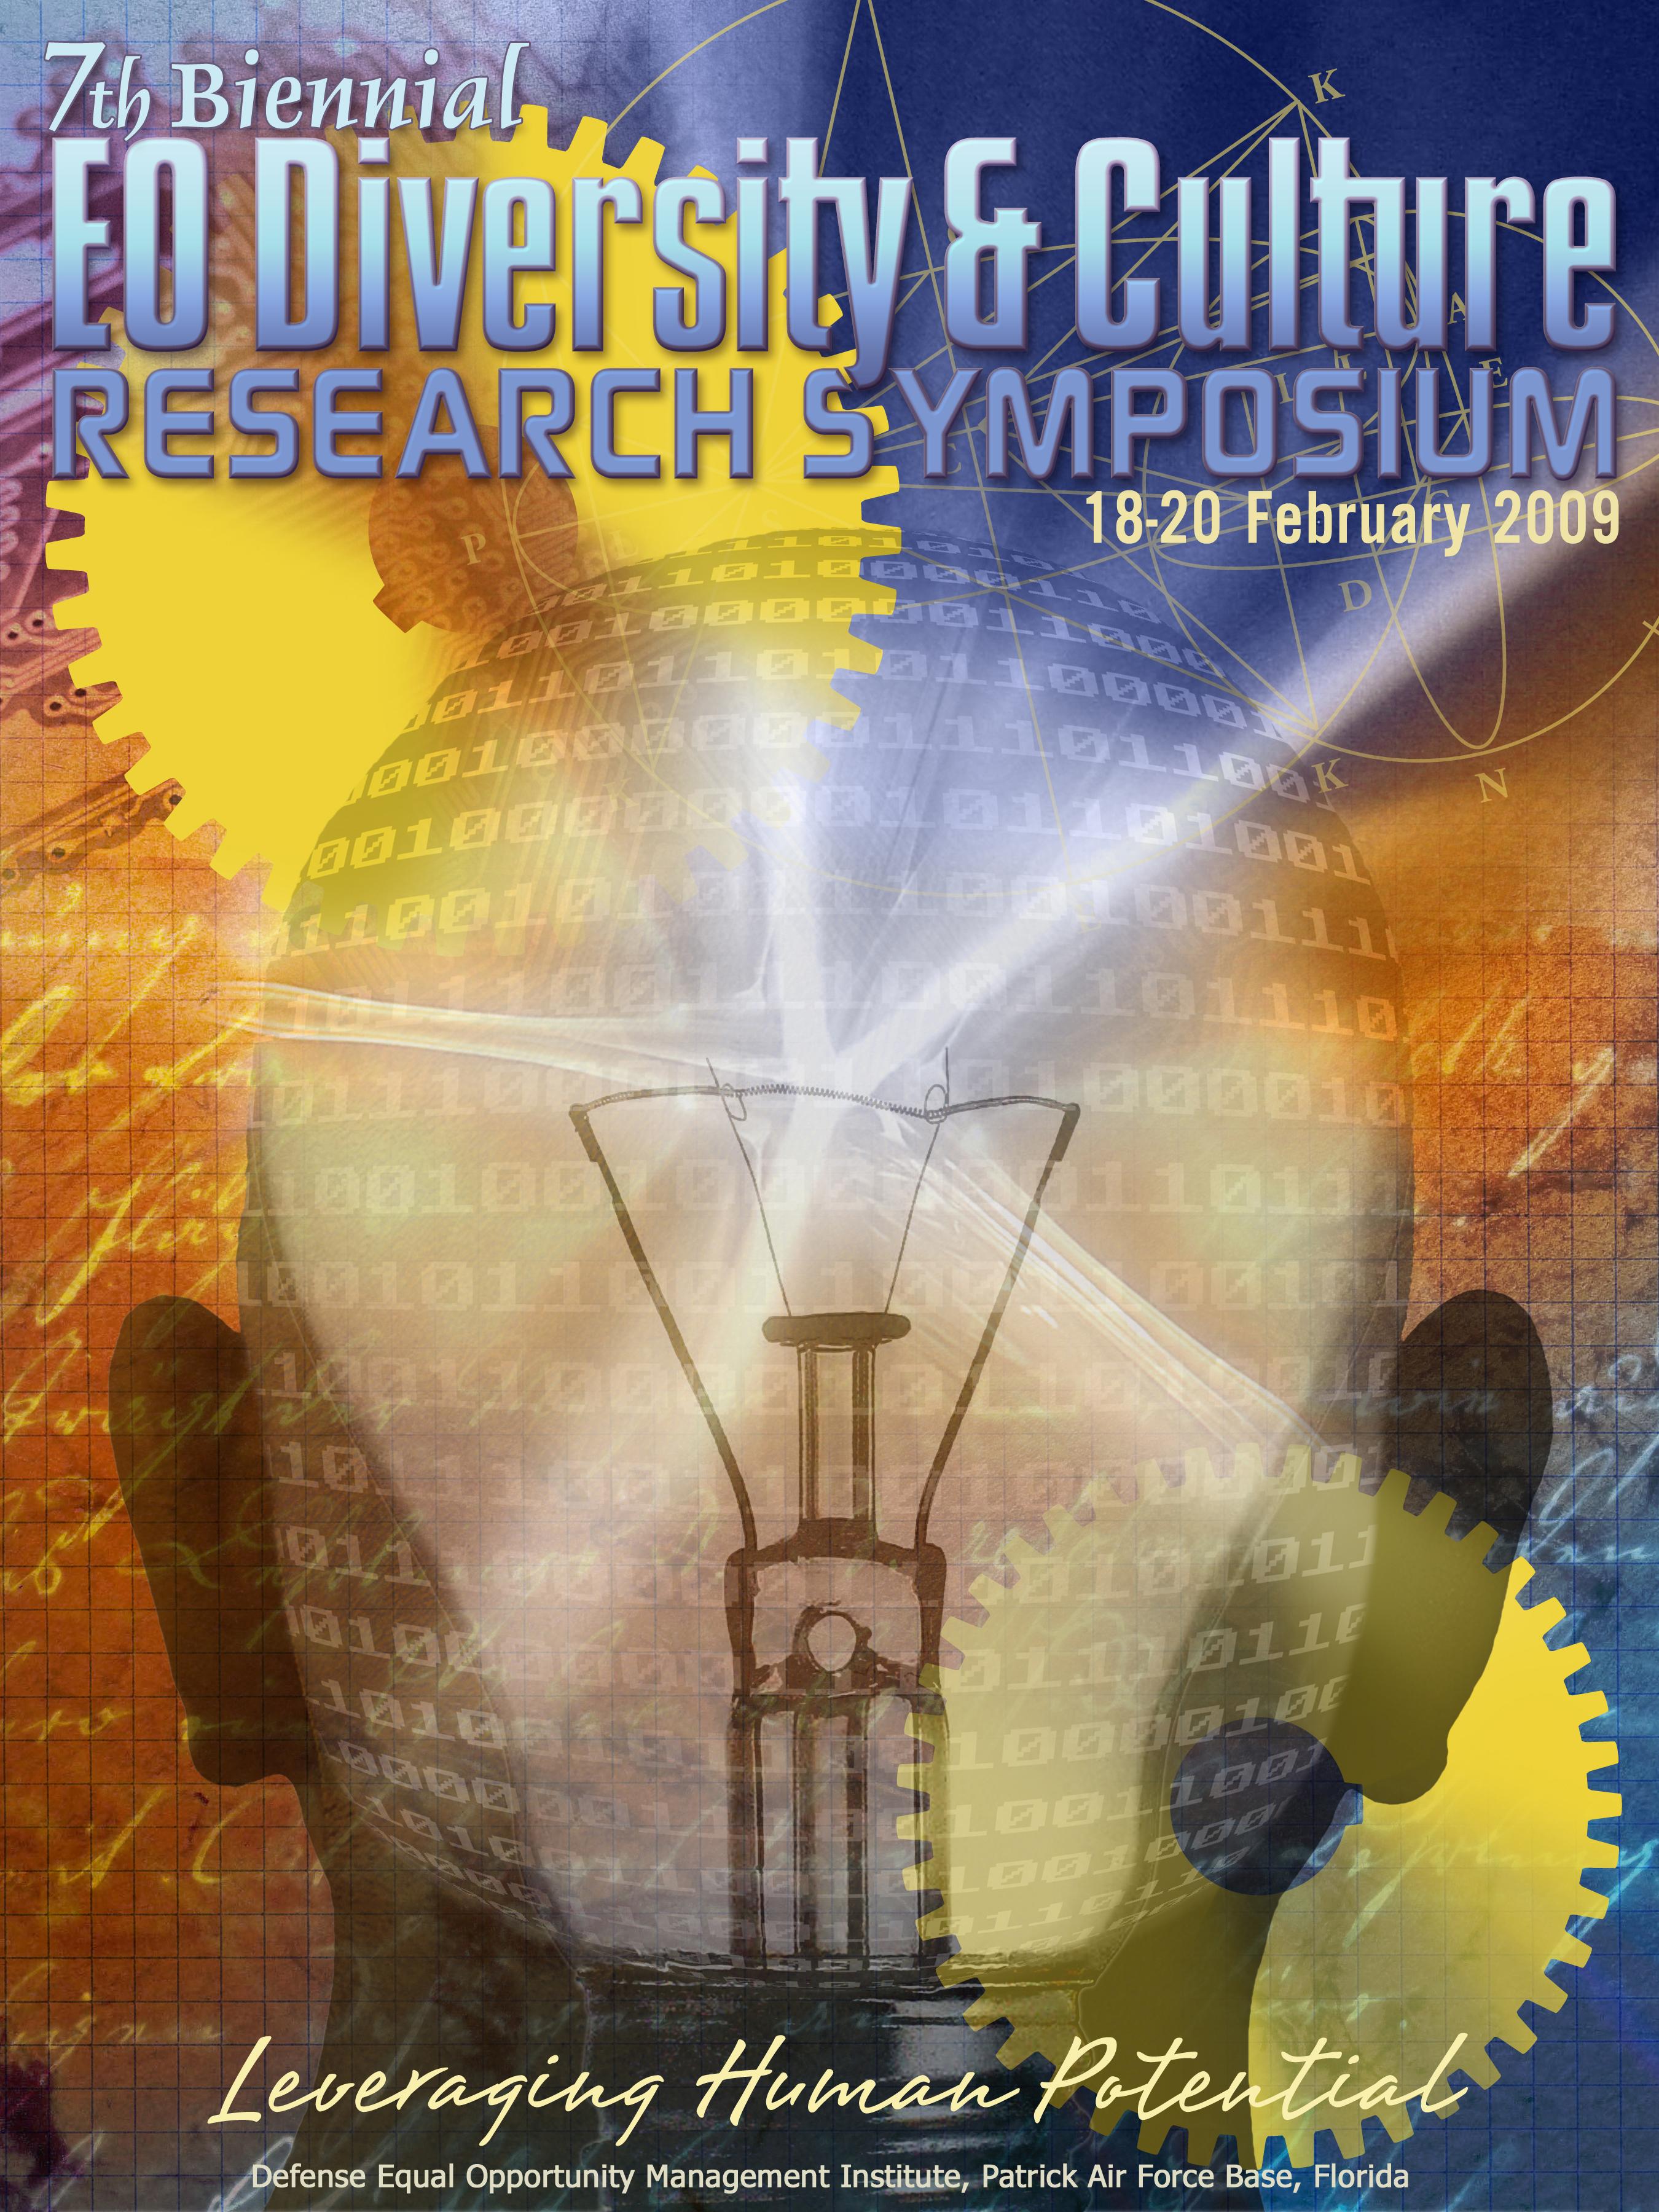 DEOMI Symposium